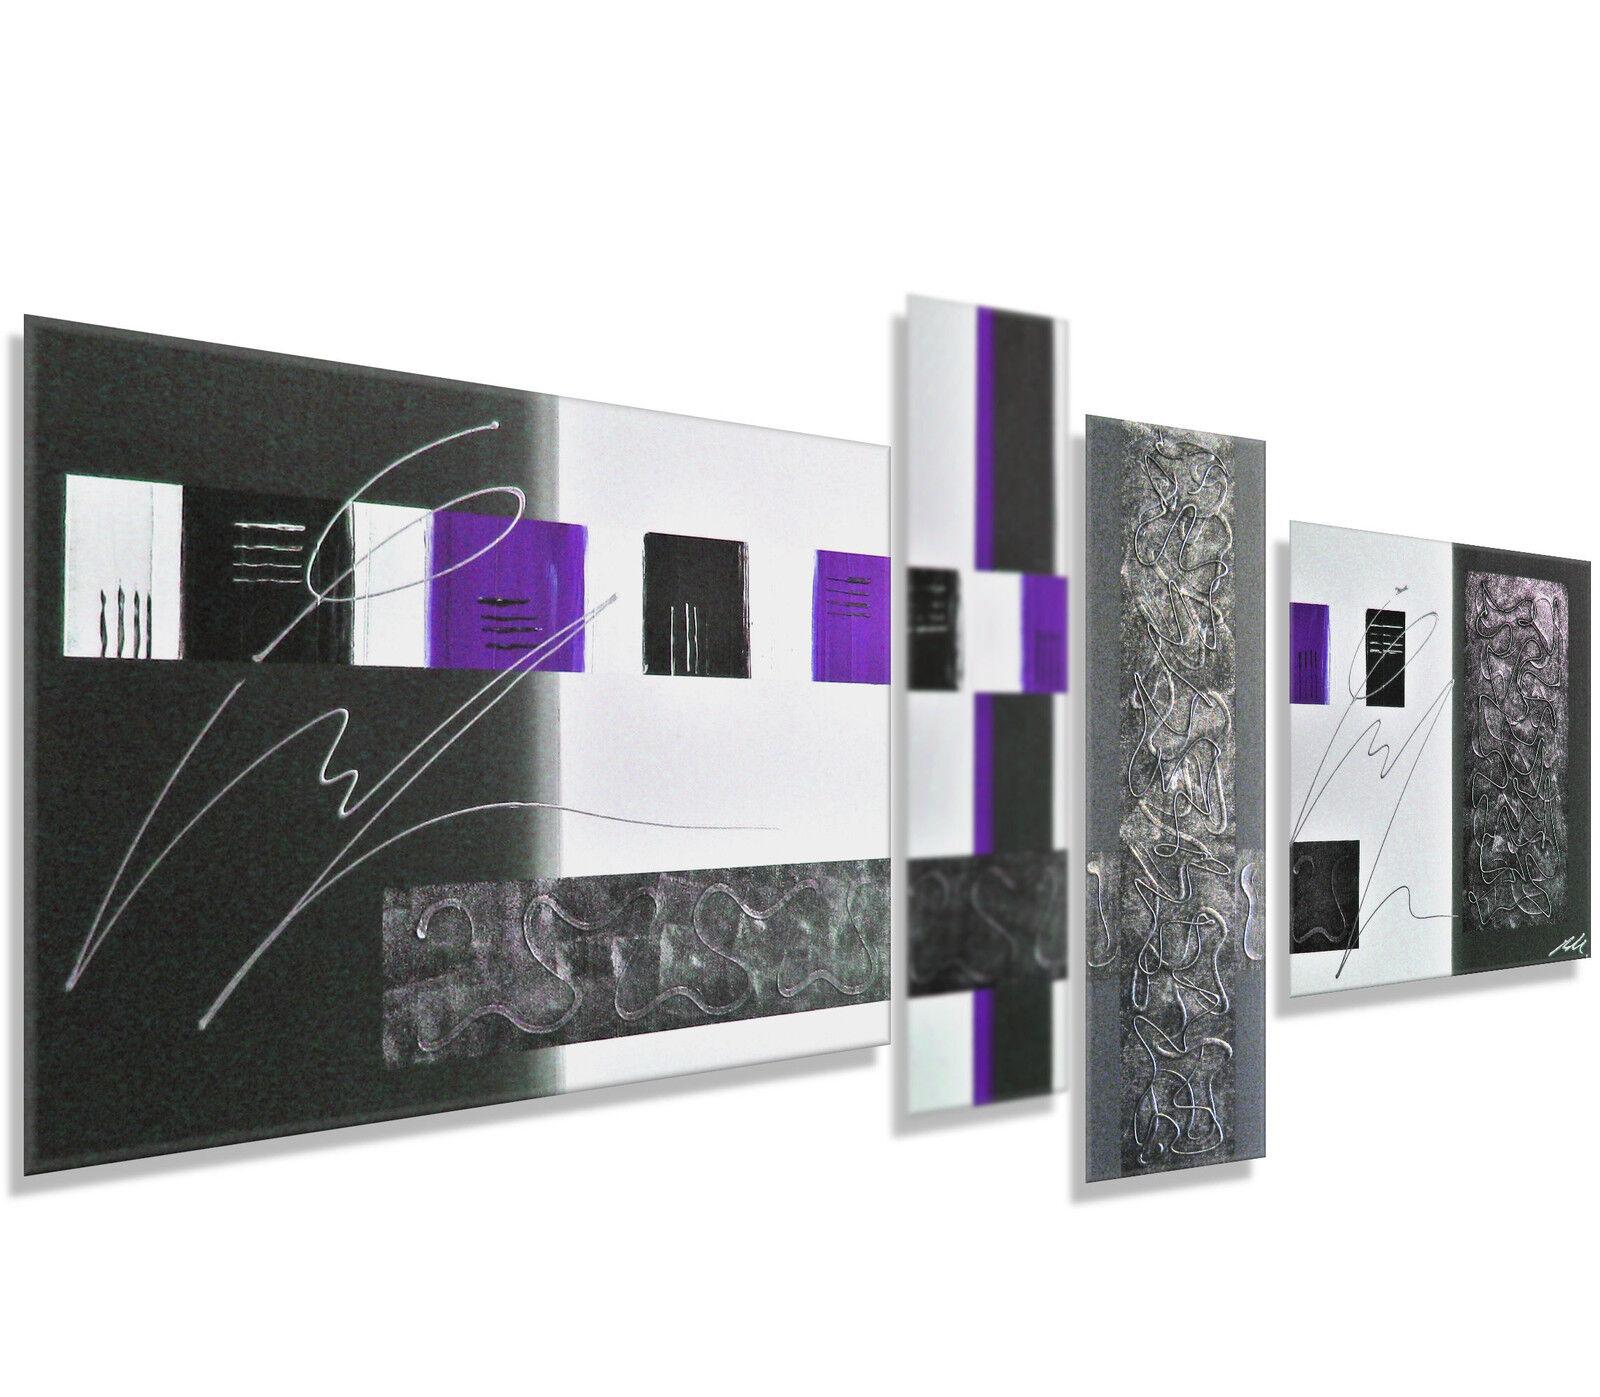 Mk1 Art Image toile toile toile tableau abstrait art peinture violet images abstrait xxl   Une Bonne Conservation De Chaleur    De Grandes Variétés    La Reine De La Qualité  be1011